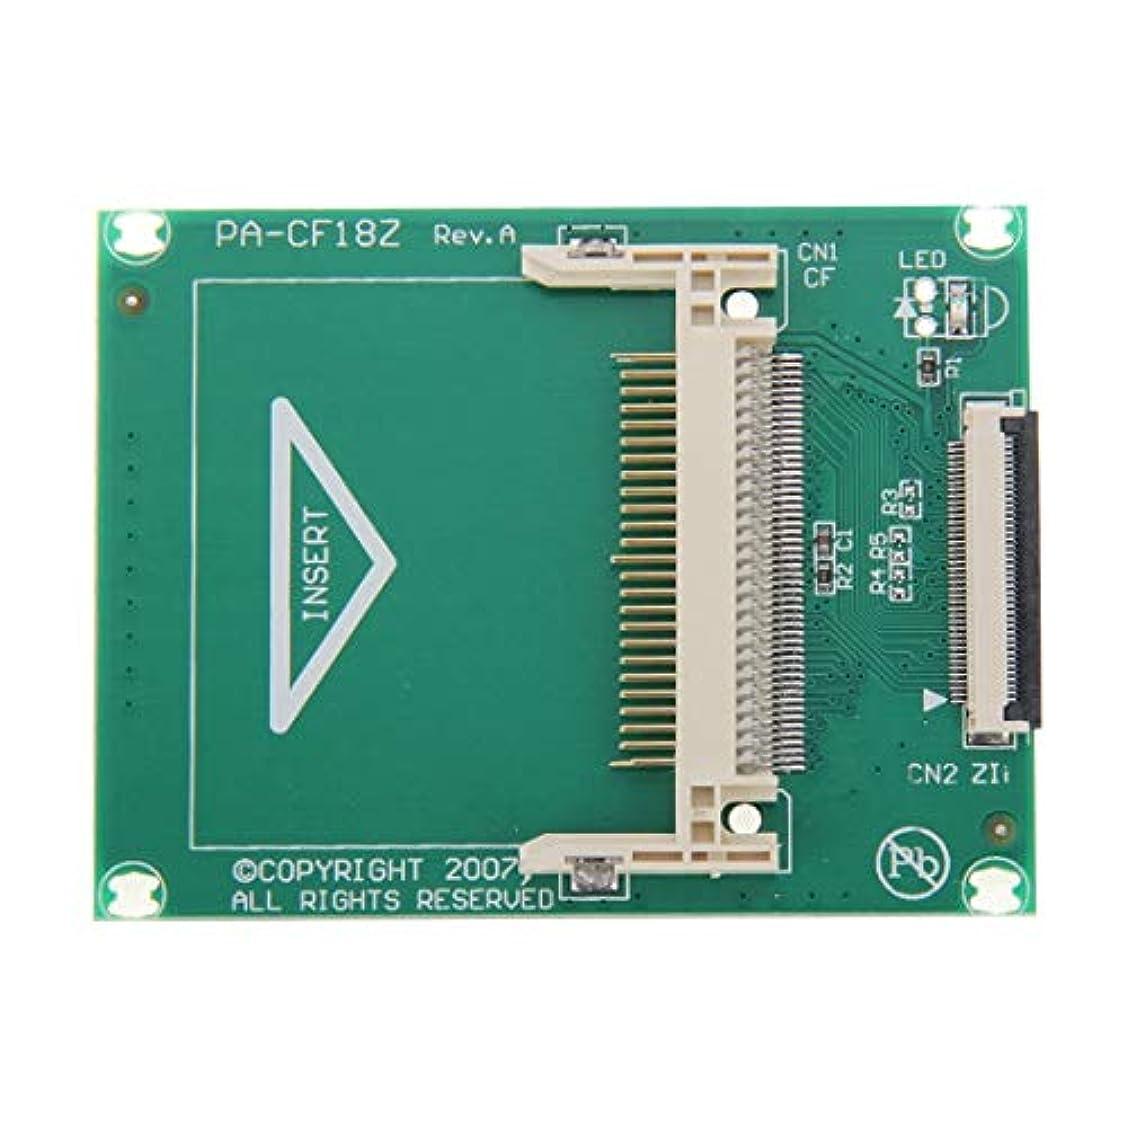 立証する聖歌検出器TSD 1.8インチZIF CE PATA変換基板ケーブルアダプタカードにAYY CFカード